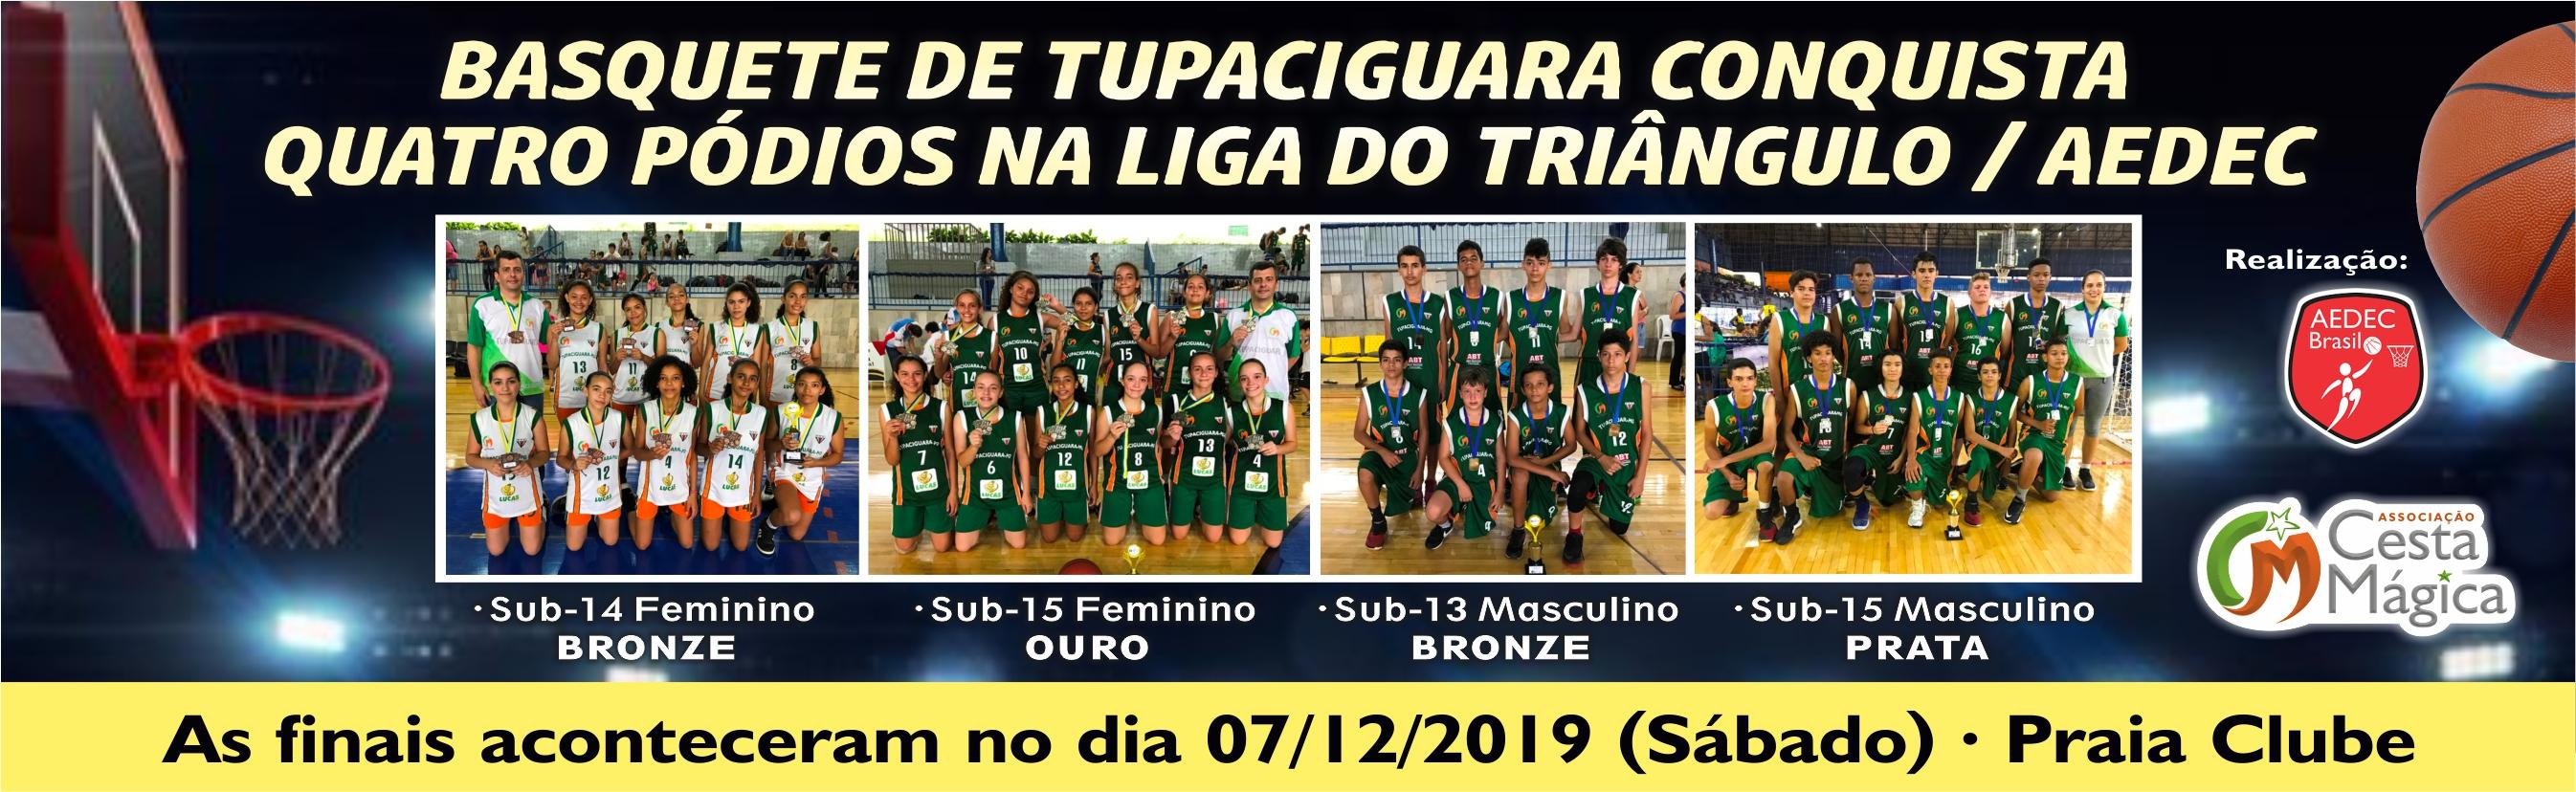 FINAIS DA LIGA DE BASQUETE DO TRIÂNGULO